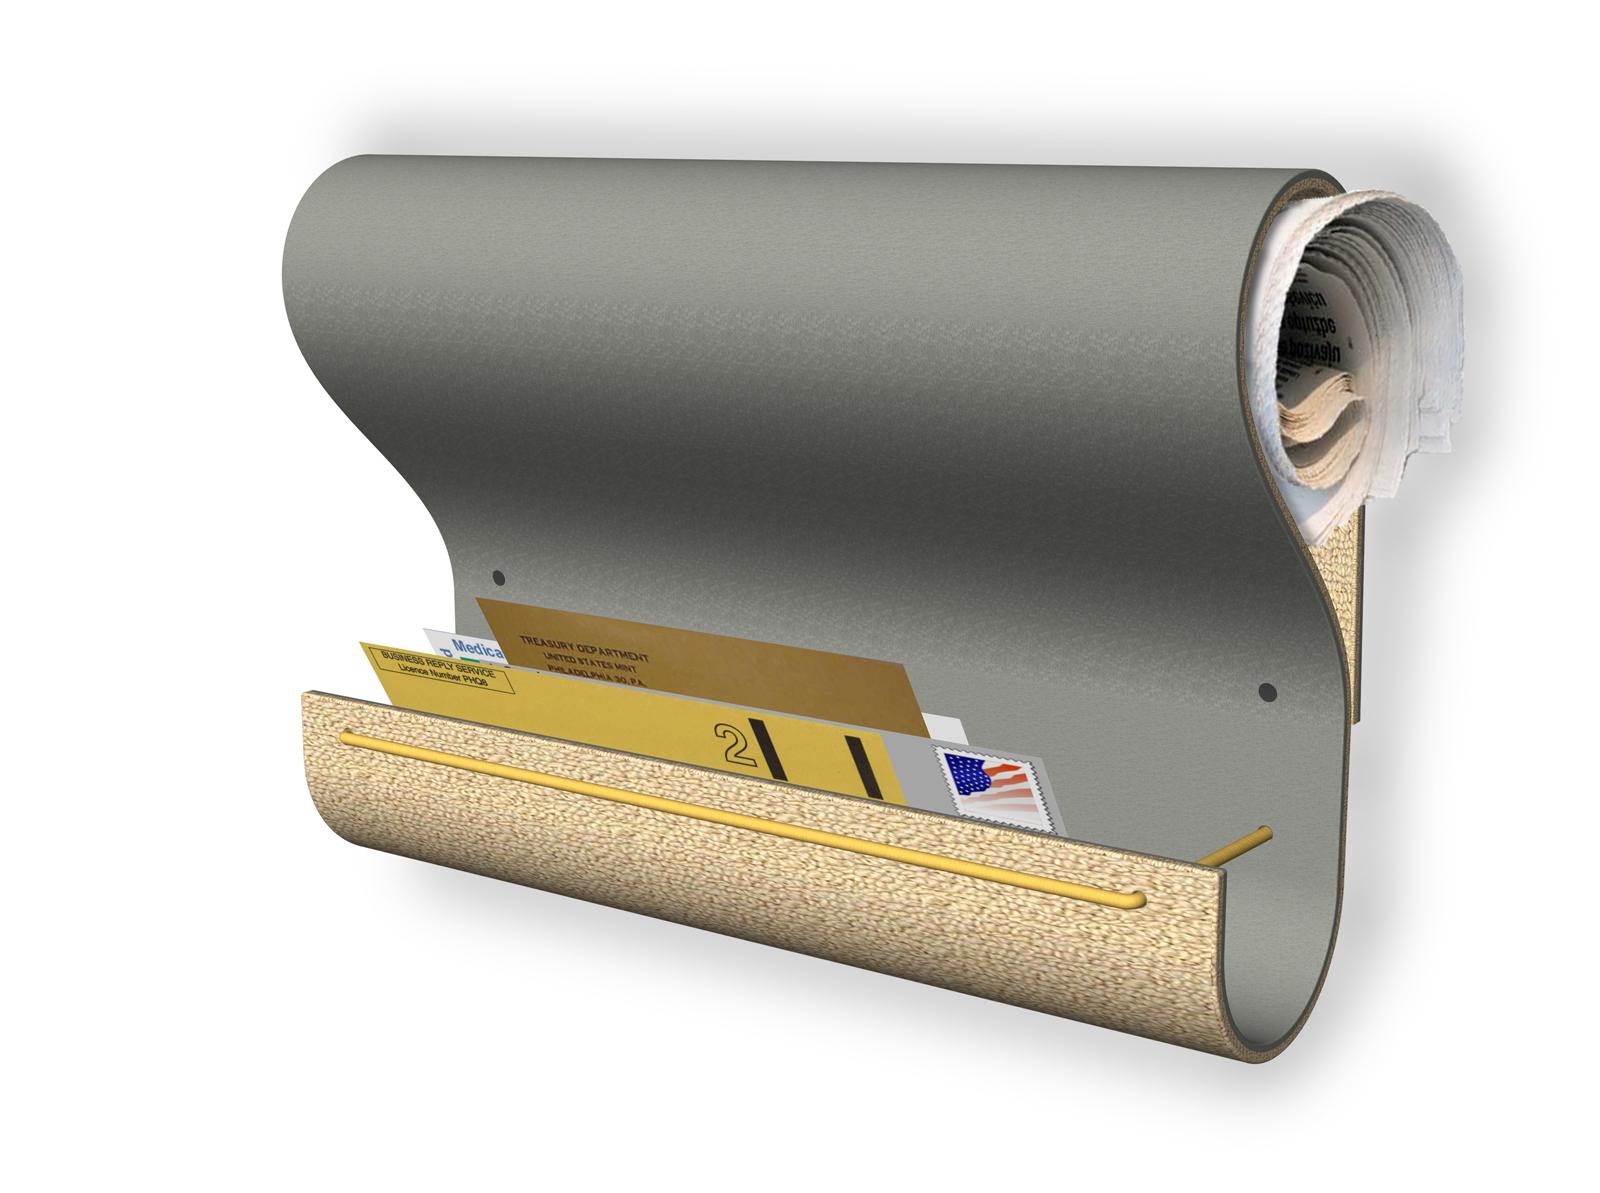 Mailbox by Sean Miller